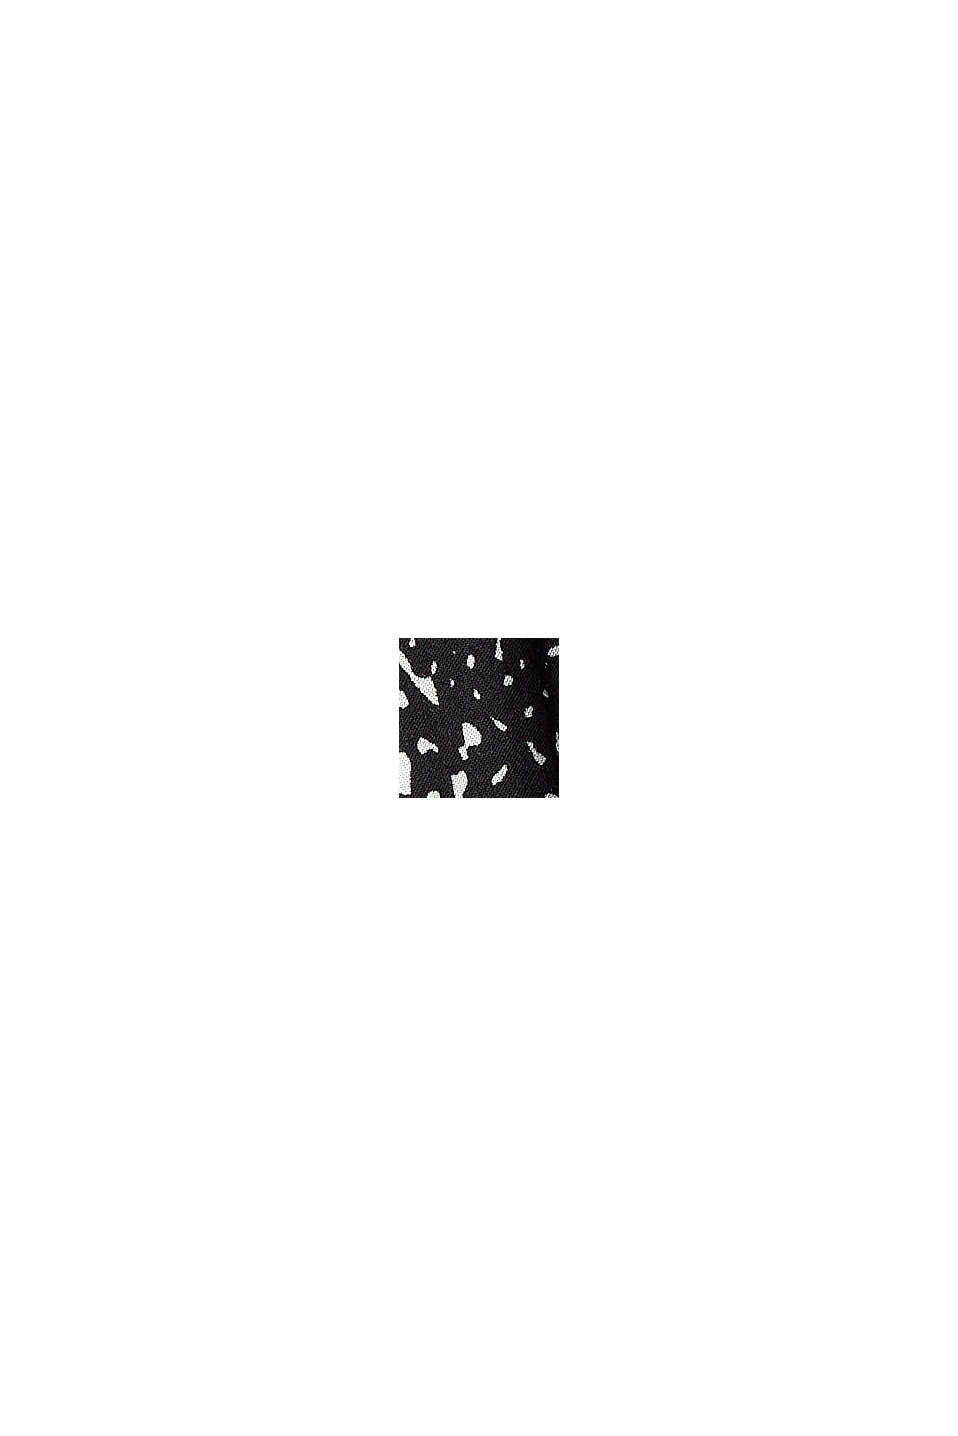 Robe longueur midi à imprimé, LENZING™ ECOVERO™, BLACK, swatch